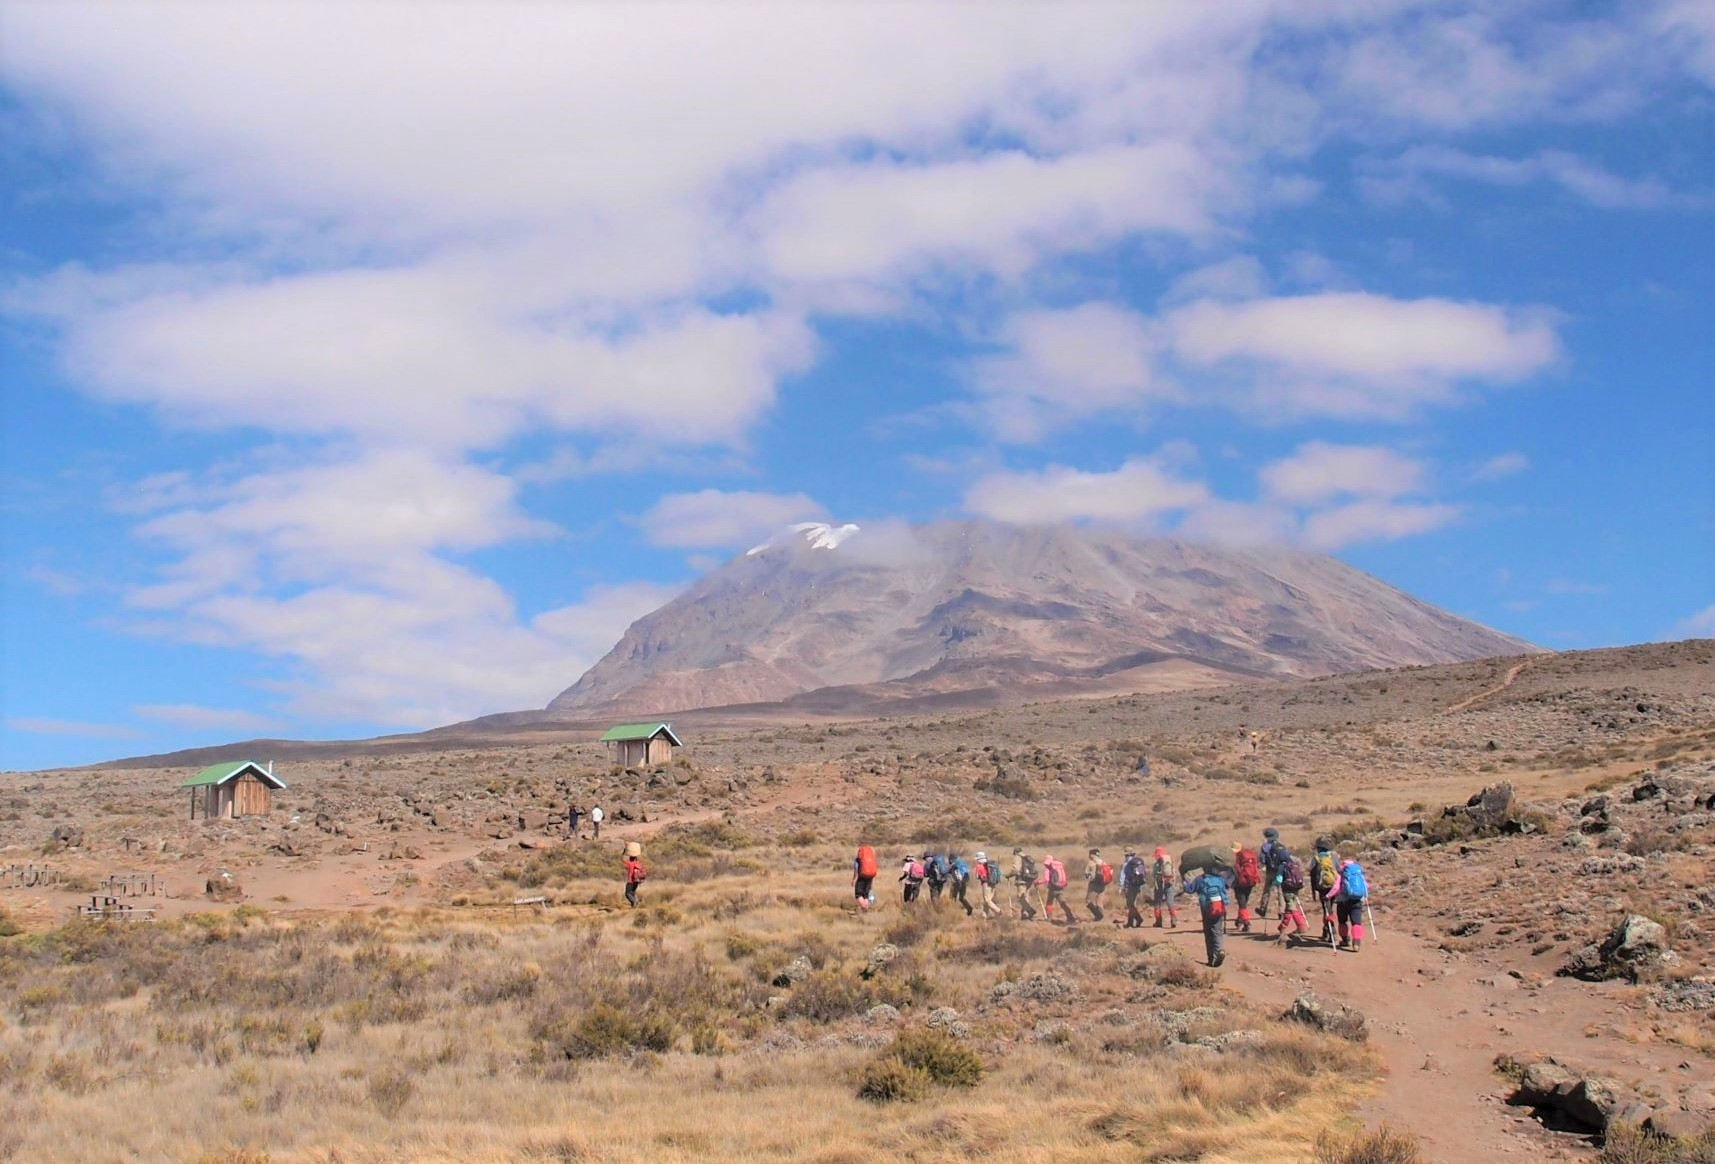 【山麓乗り入れ】キリマンジャロゆったり登頂とアルーシャ国立公園サファリ 10日間